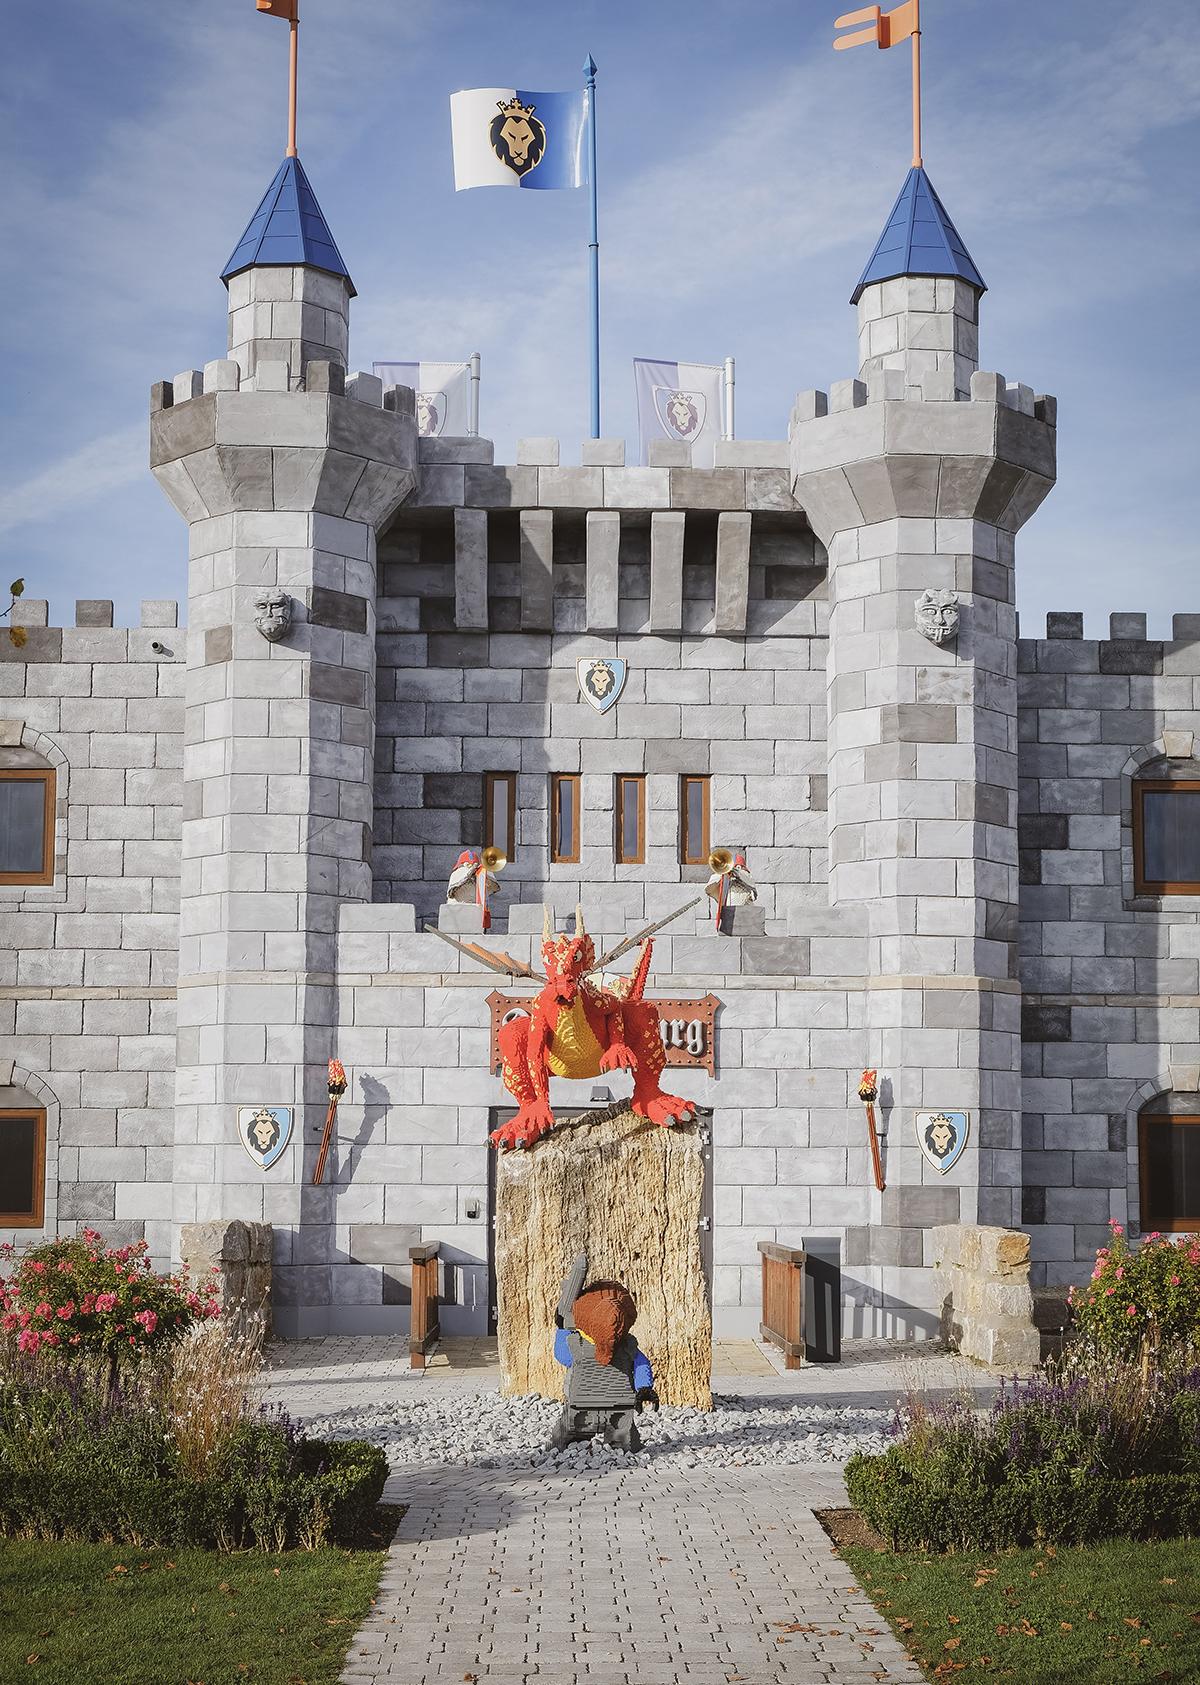 Feriendorf Legoland Deutschland